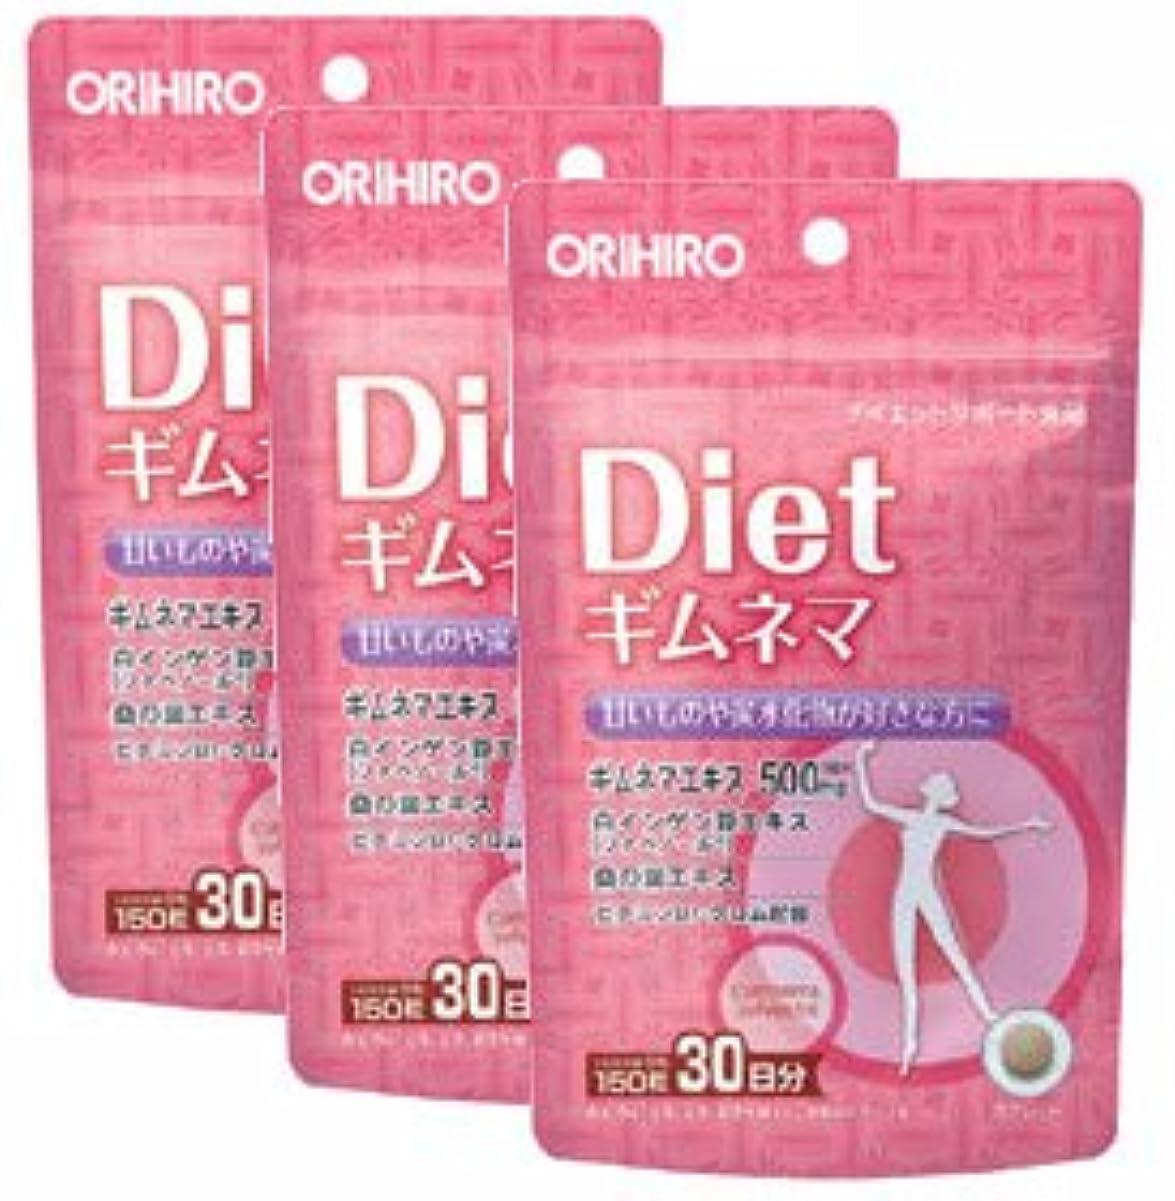 社会主義反対に儀式Dietギムネマ PD【3袋セット】オリヒロ